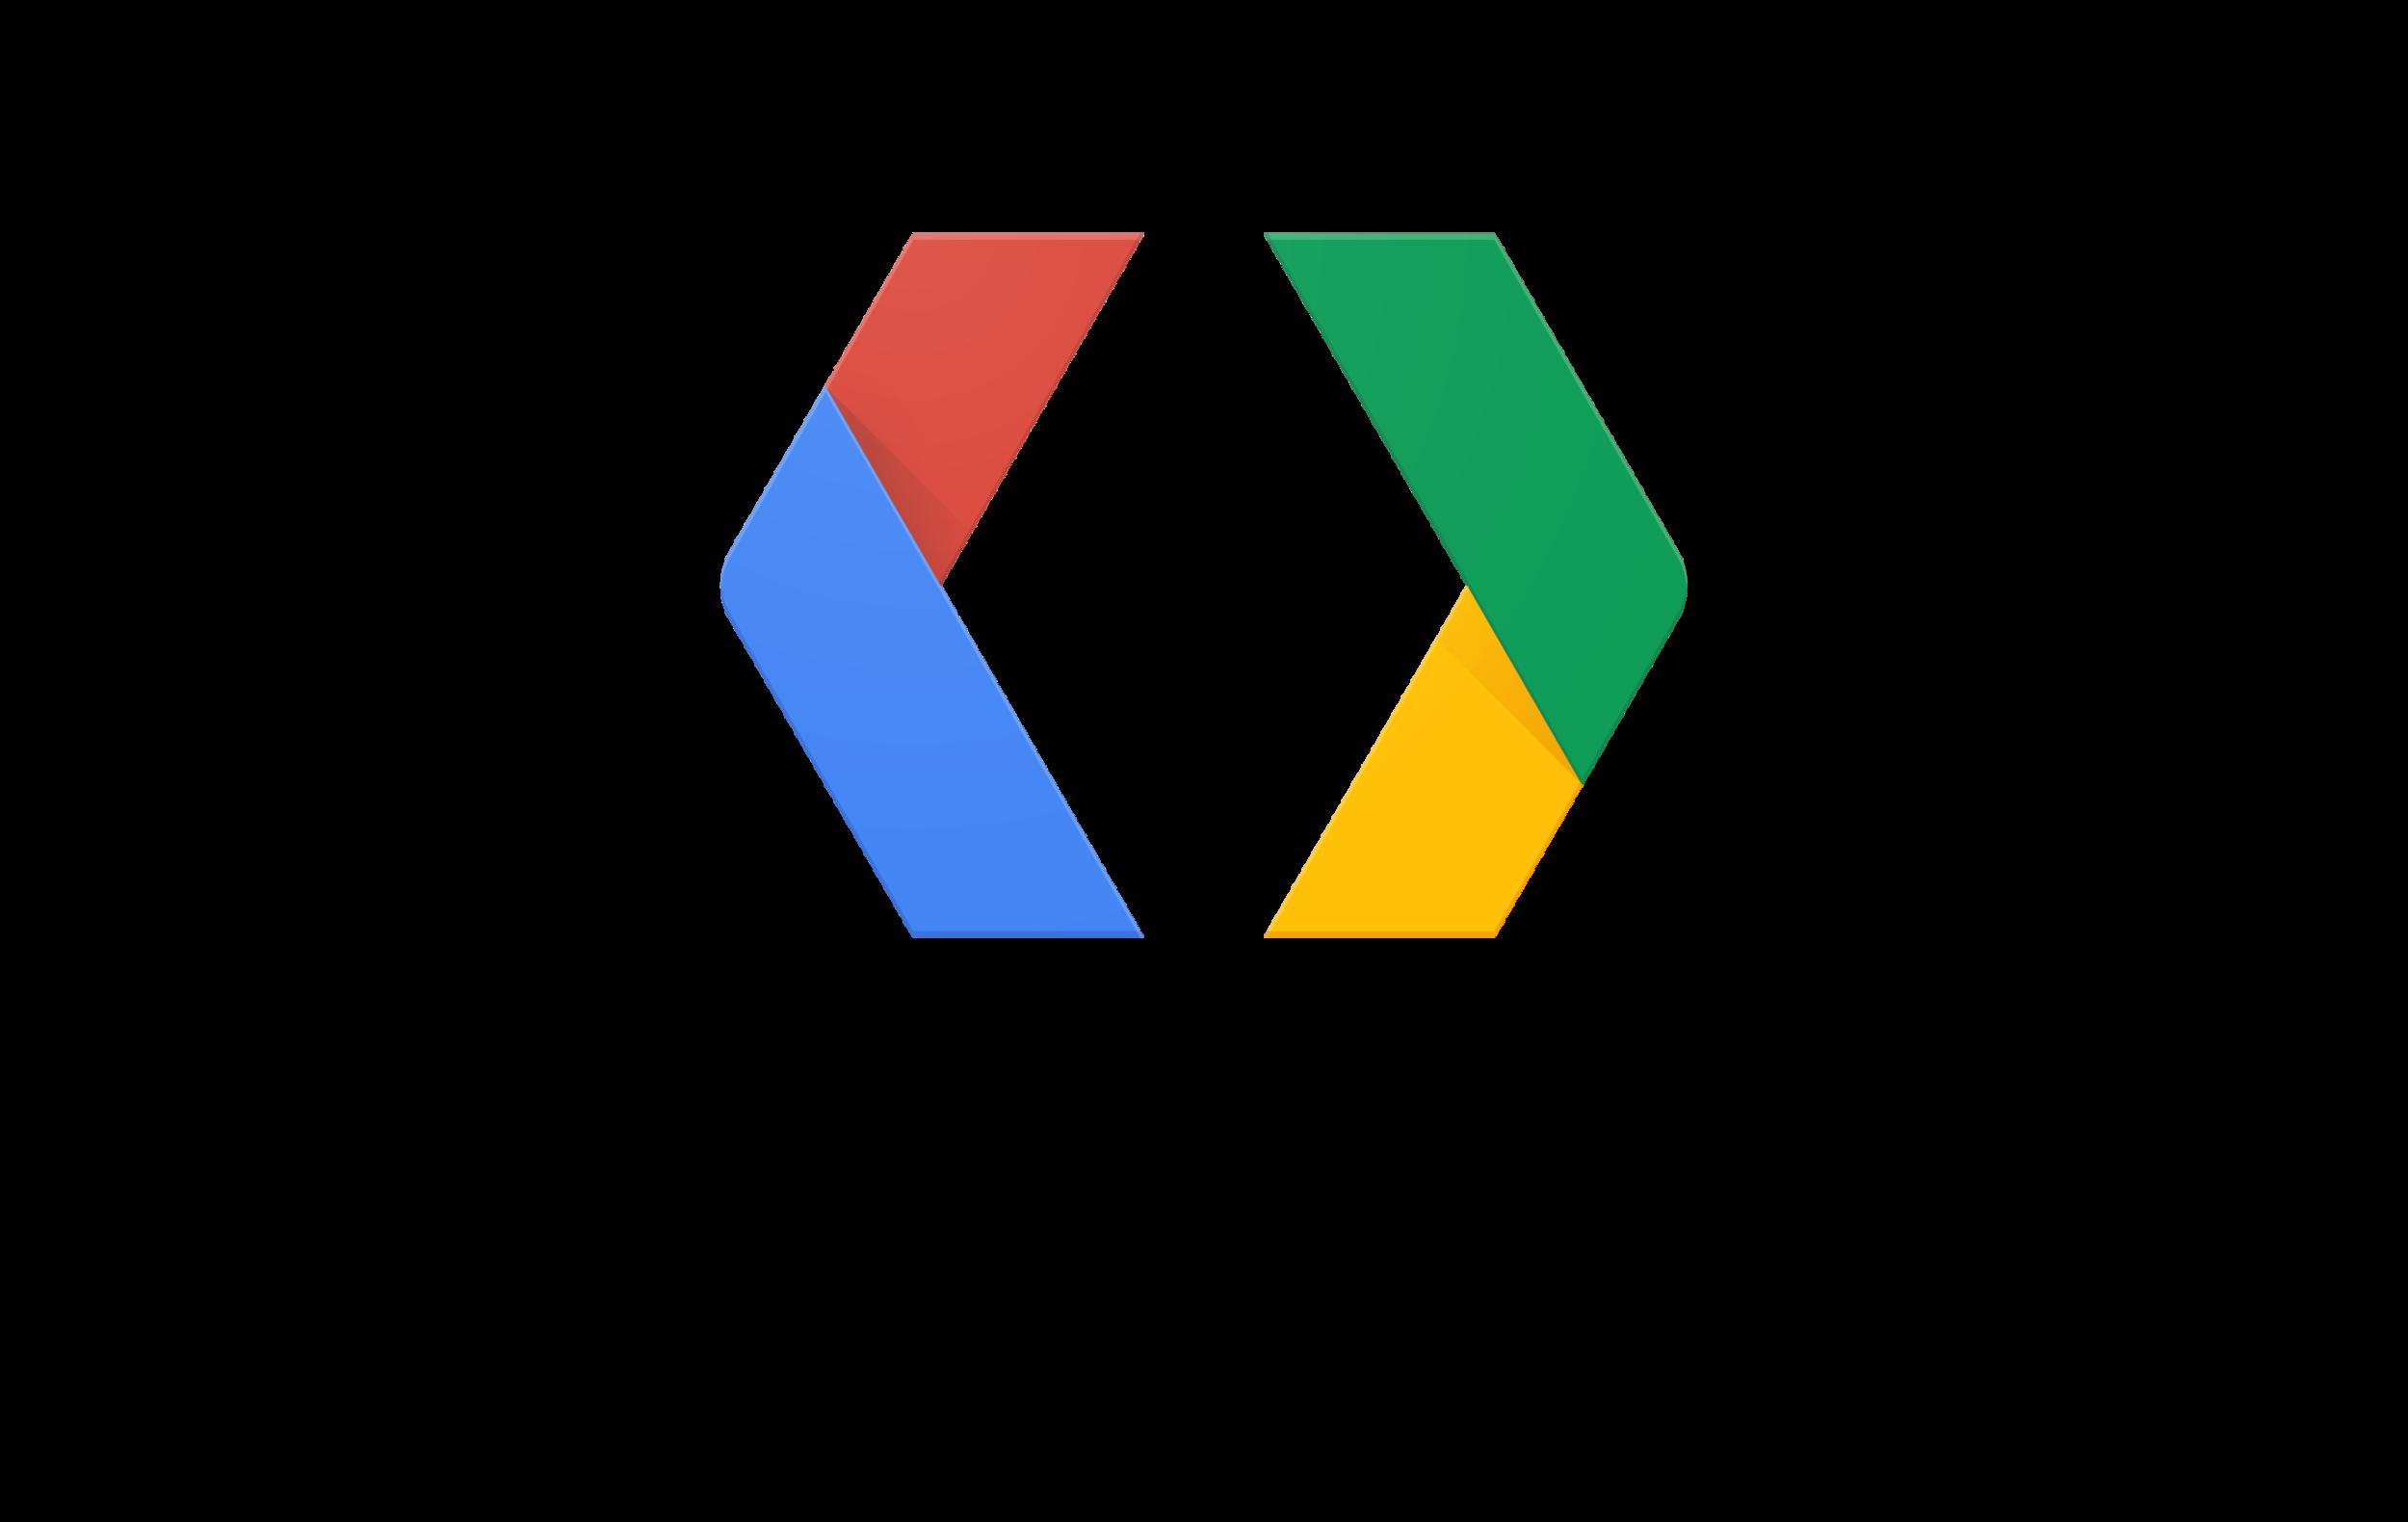 logo_lockup_google_developers_vertical_color.png